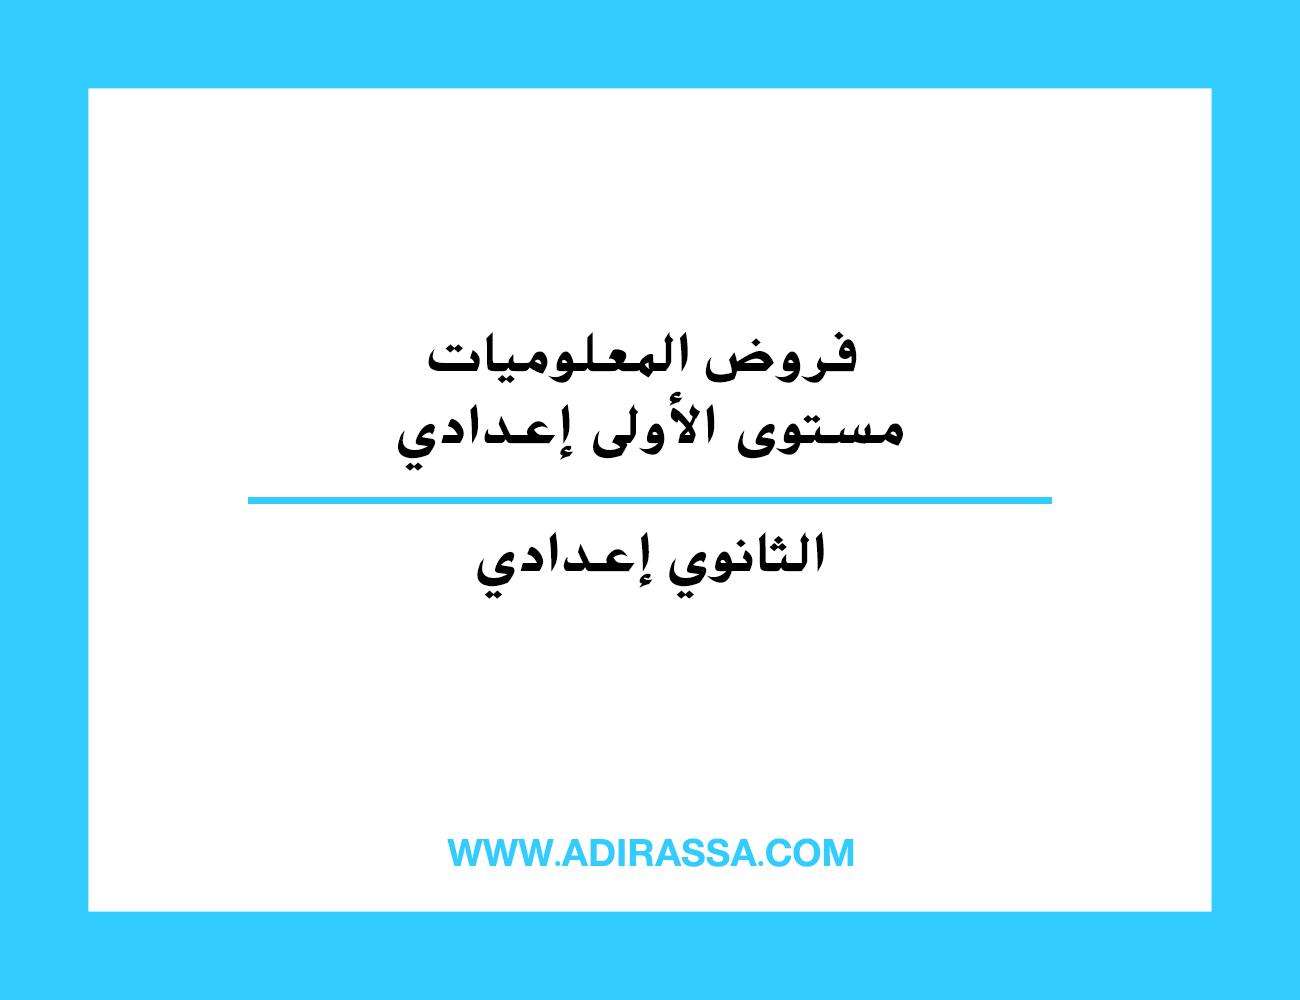 فروض المعلوميات مستوى الأولى إعدادي المقررة في المدرسة المغربية